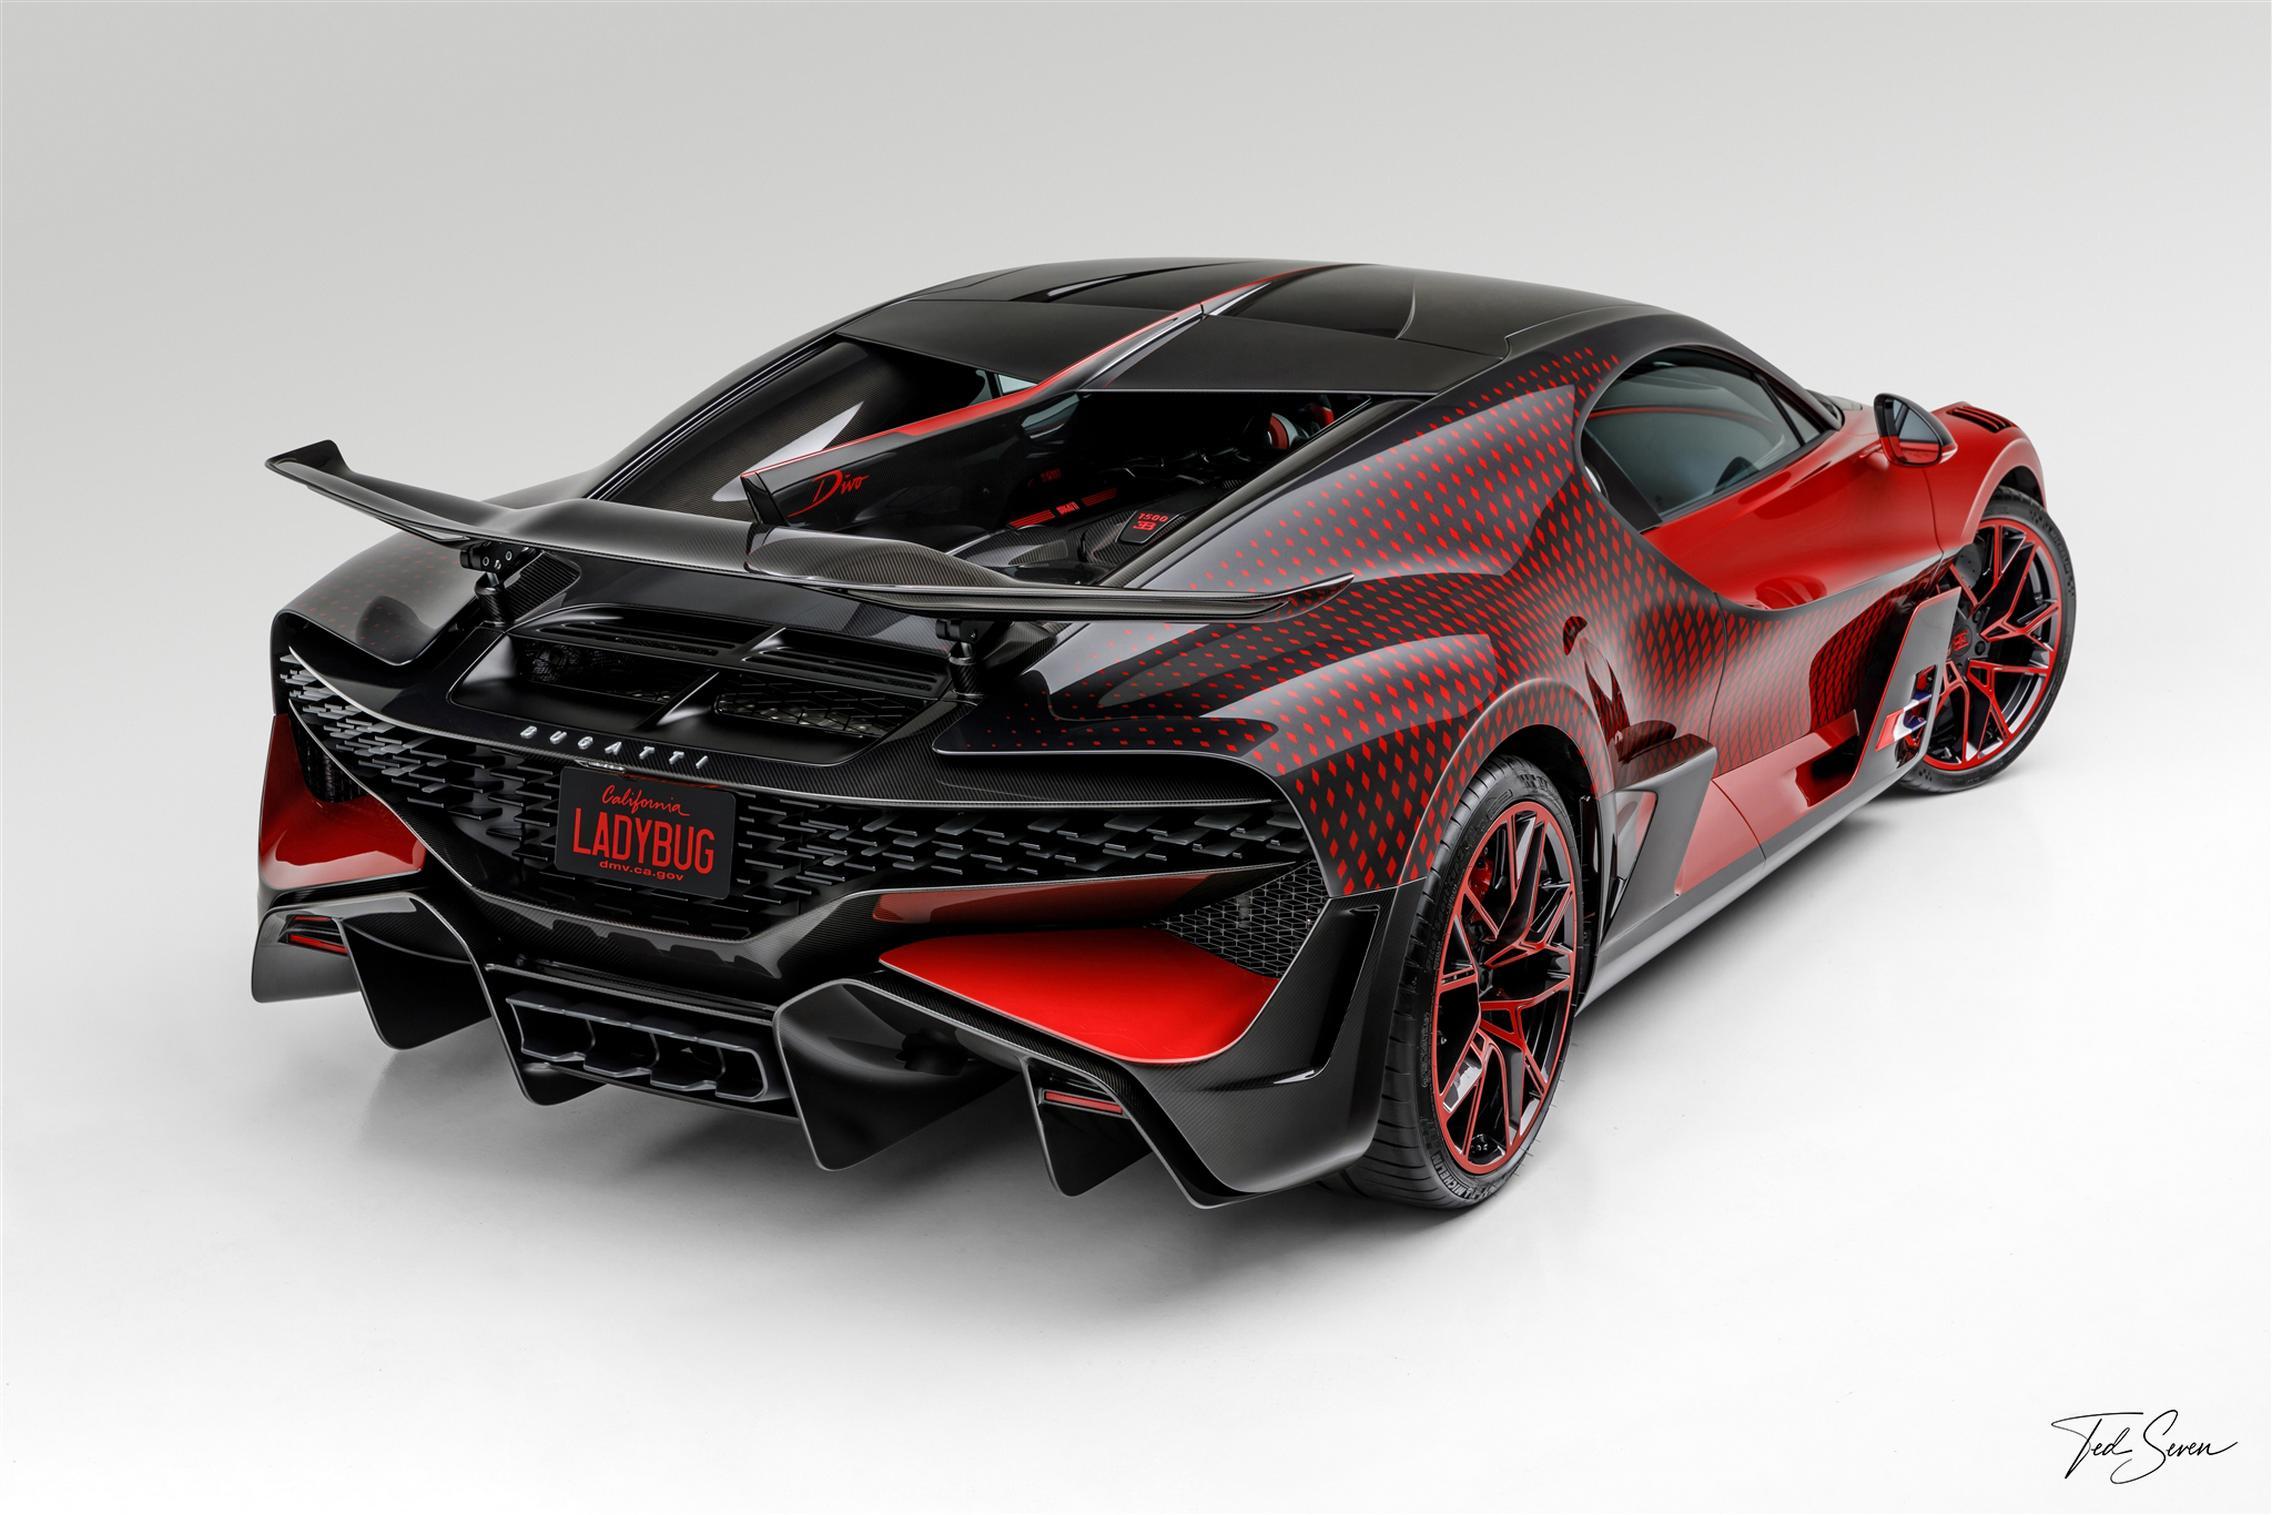 Bugatti Divo Lady Bug rear